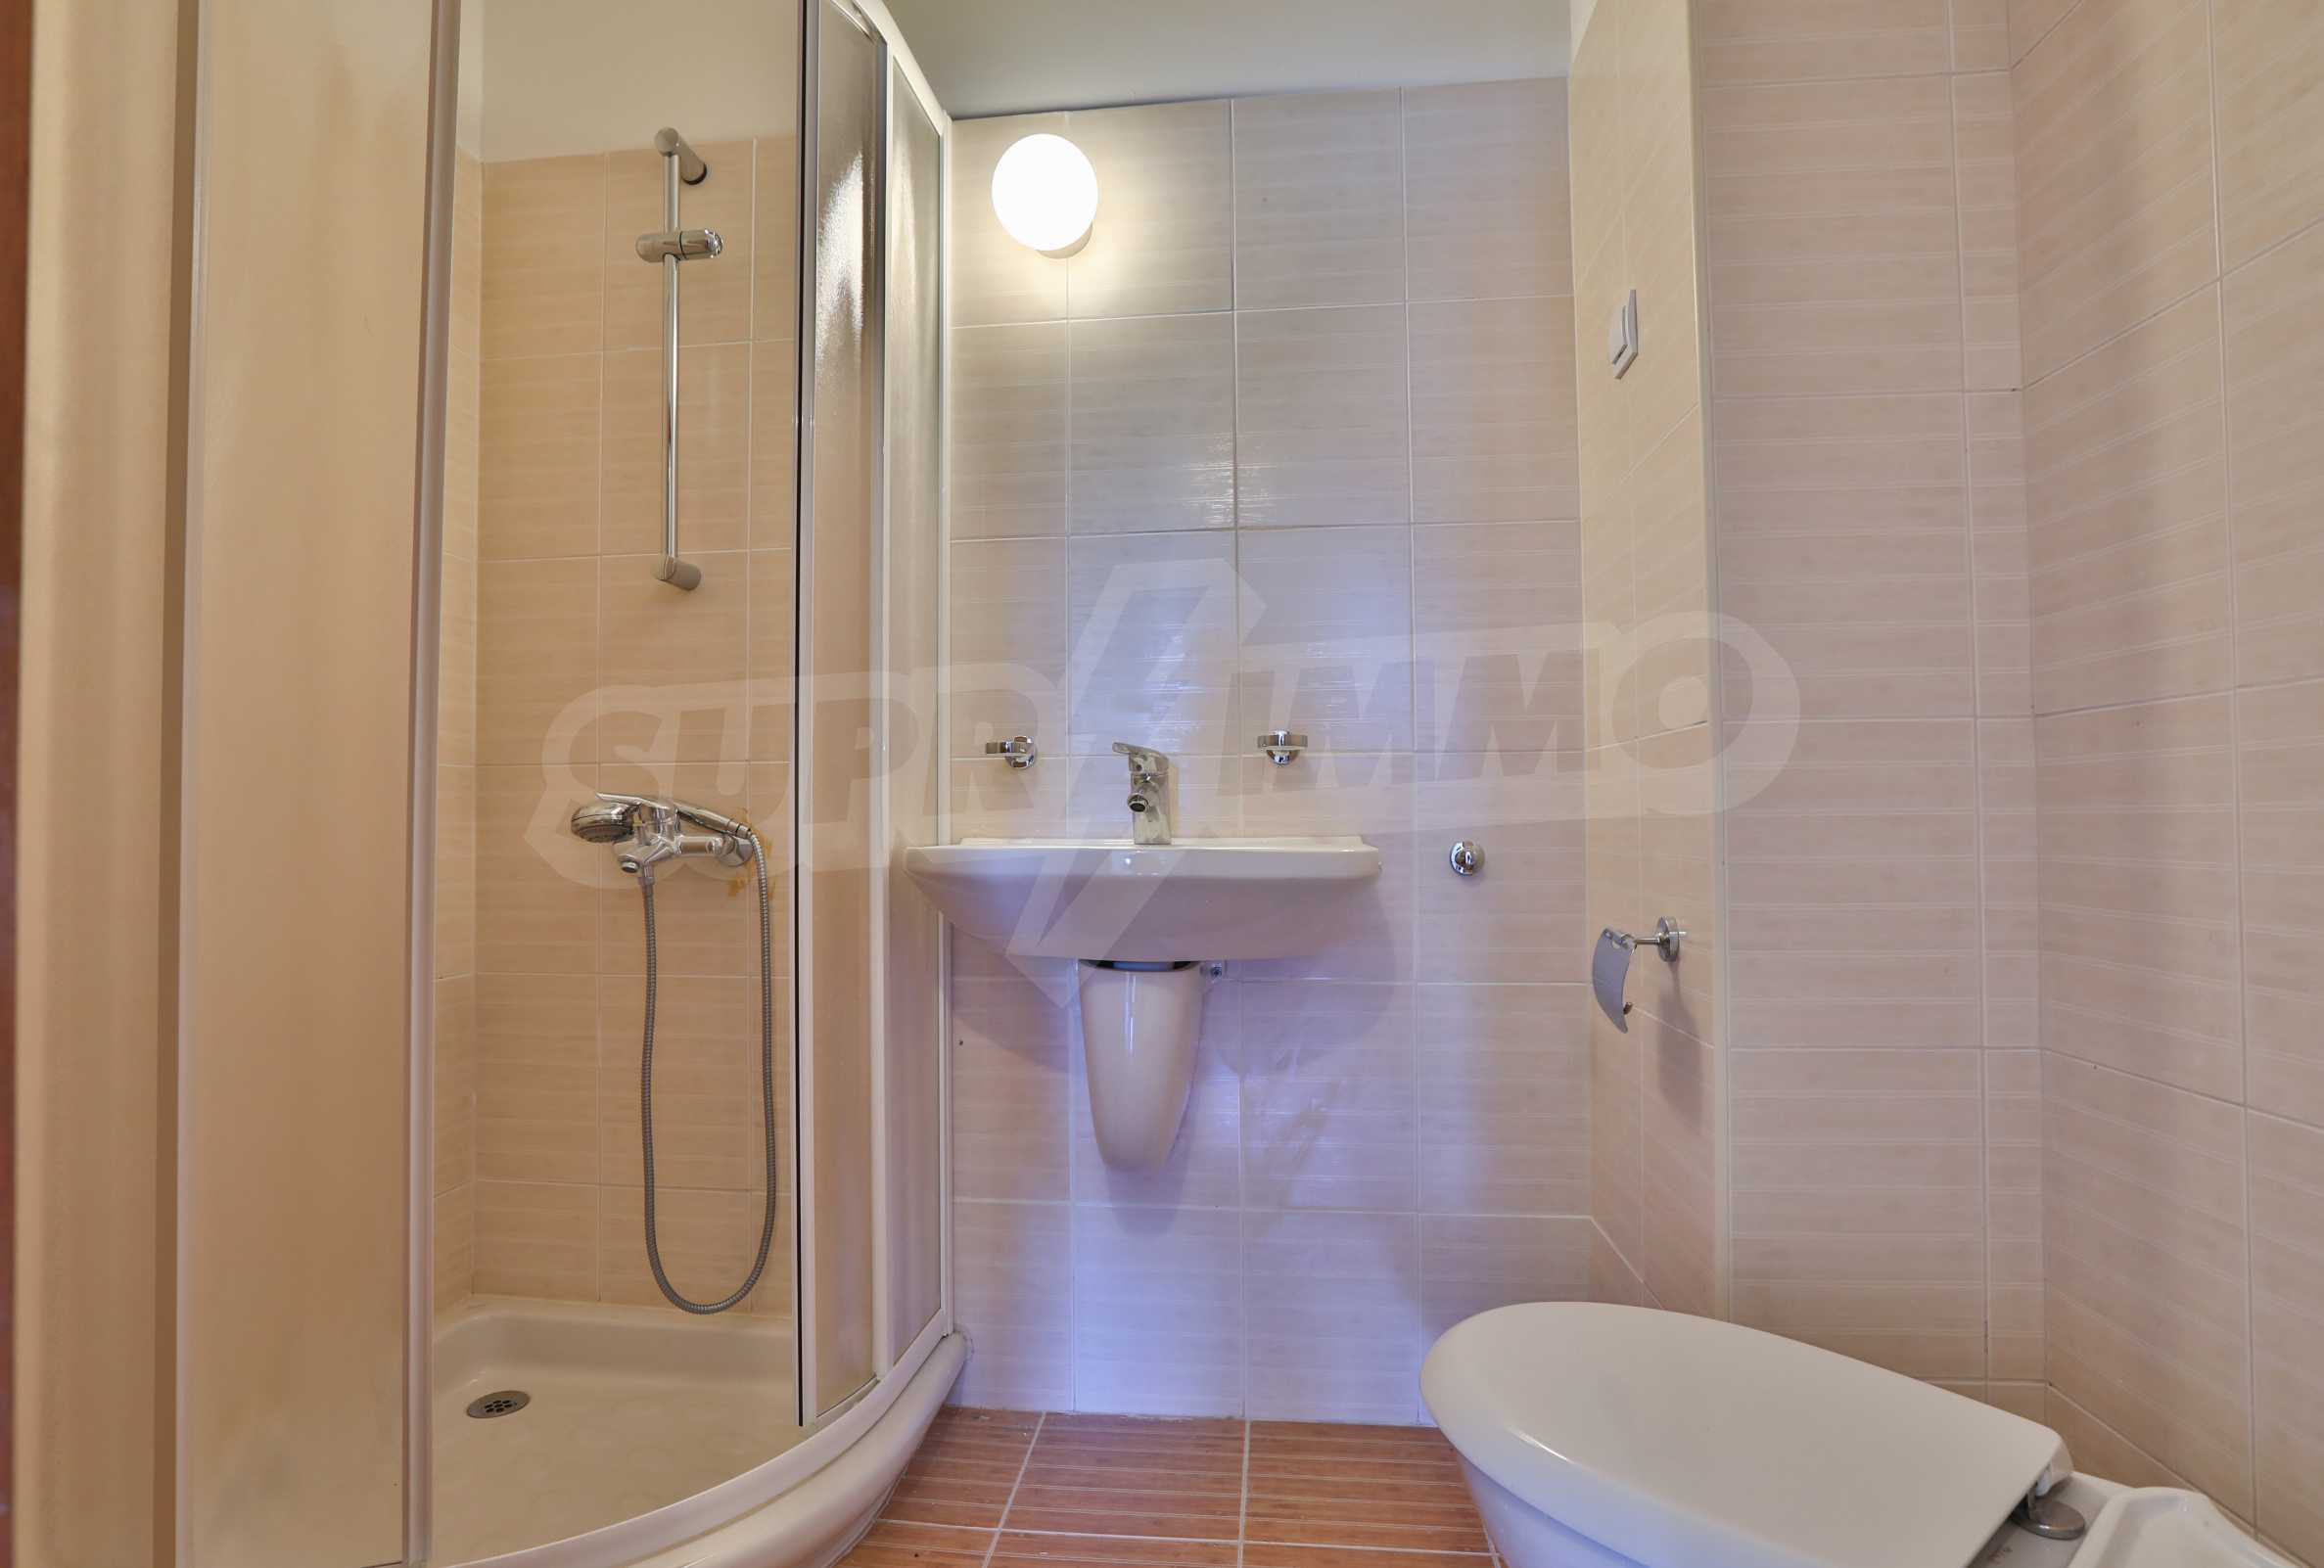 Erstklassige Wohnungen zum Verkauf Meter von der Yastrebets-Strecke in Borovets entfernt 6